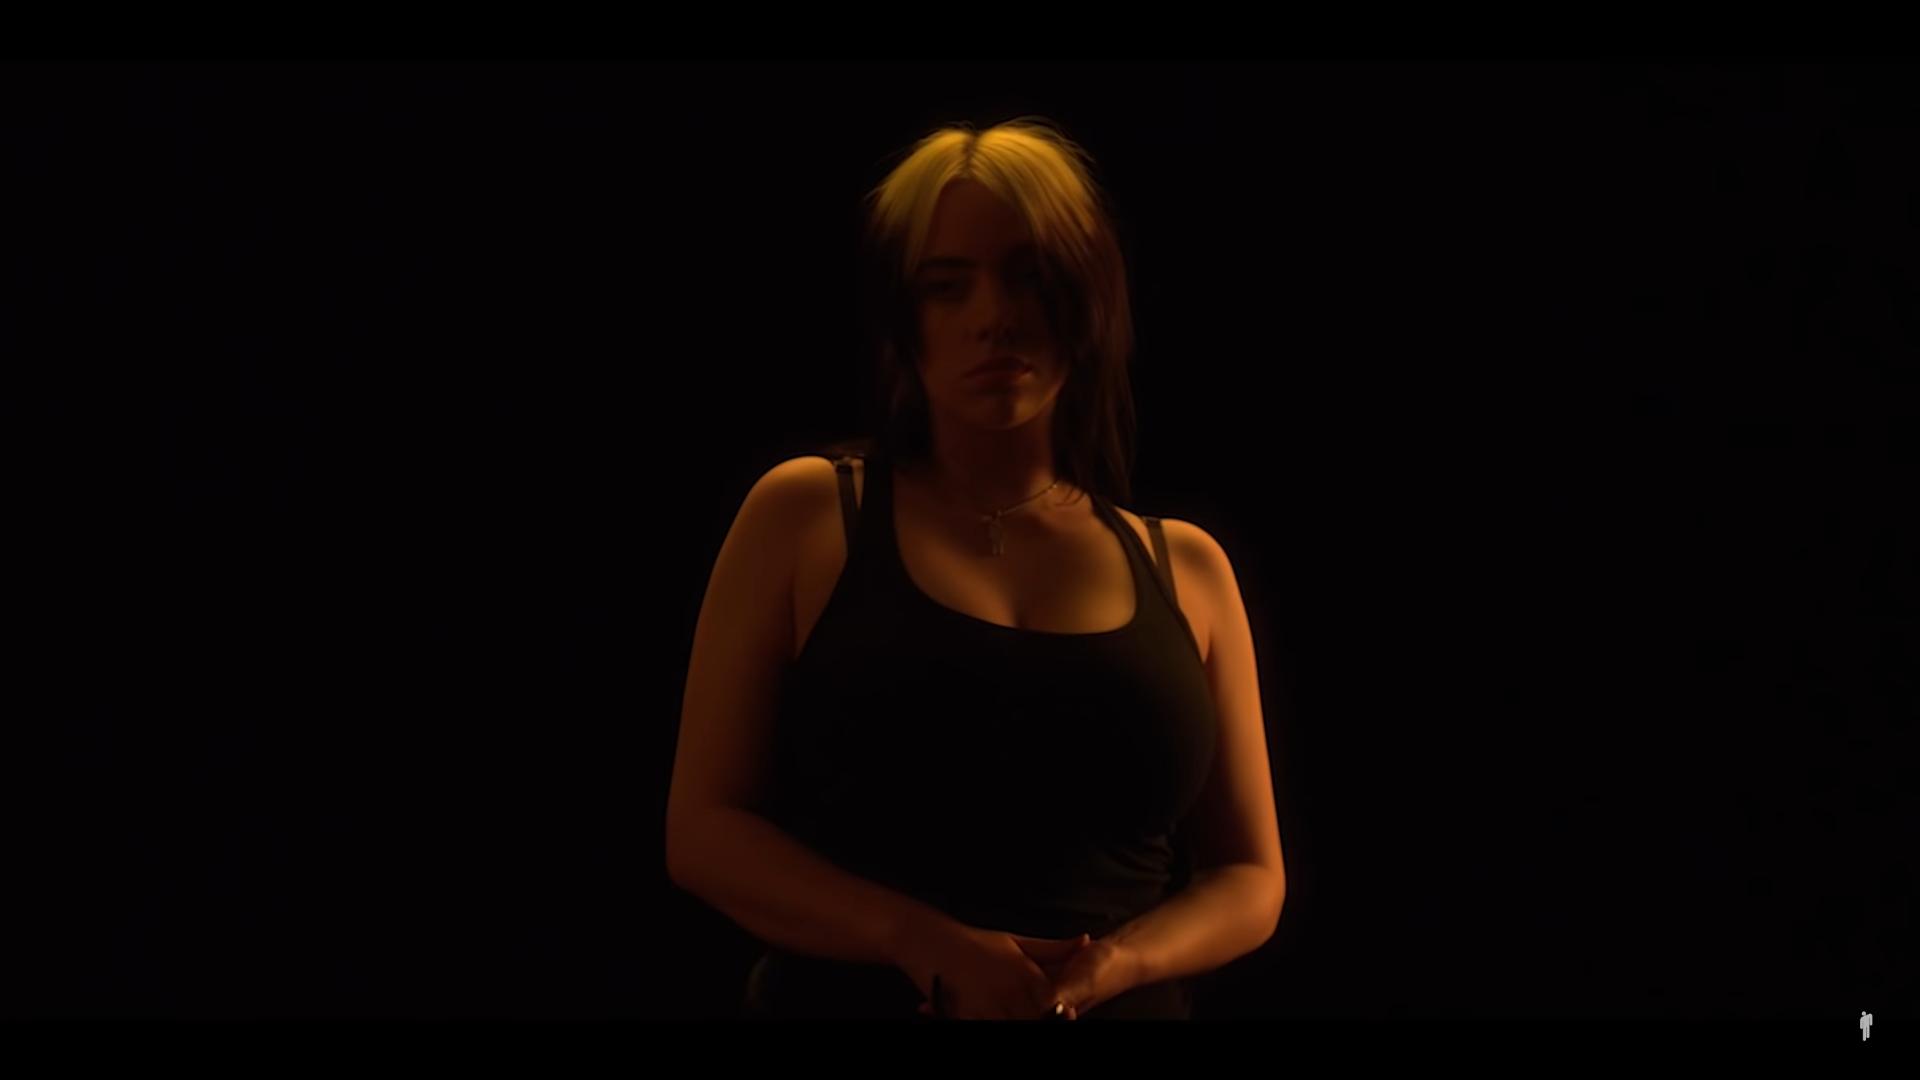 Στιγμιότυπο από την ταινία μικρού μήκους της Billie Eilish